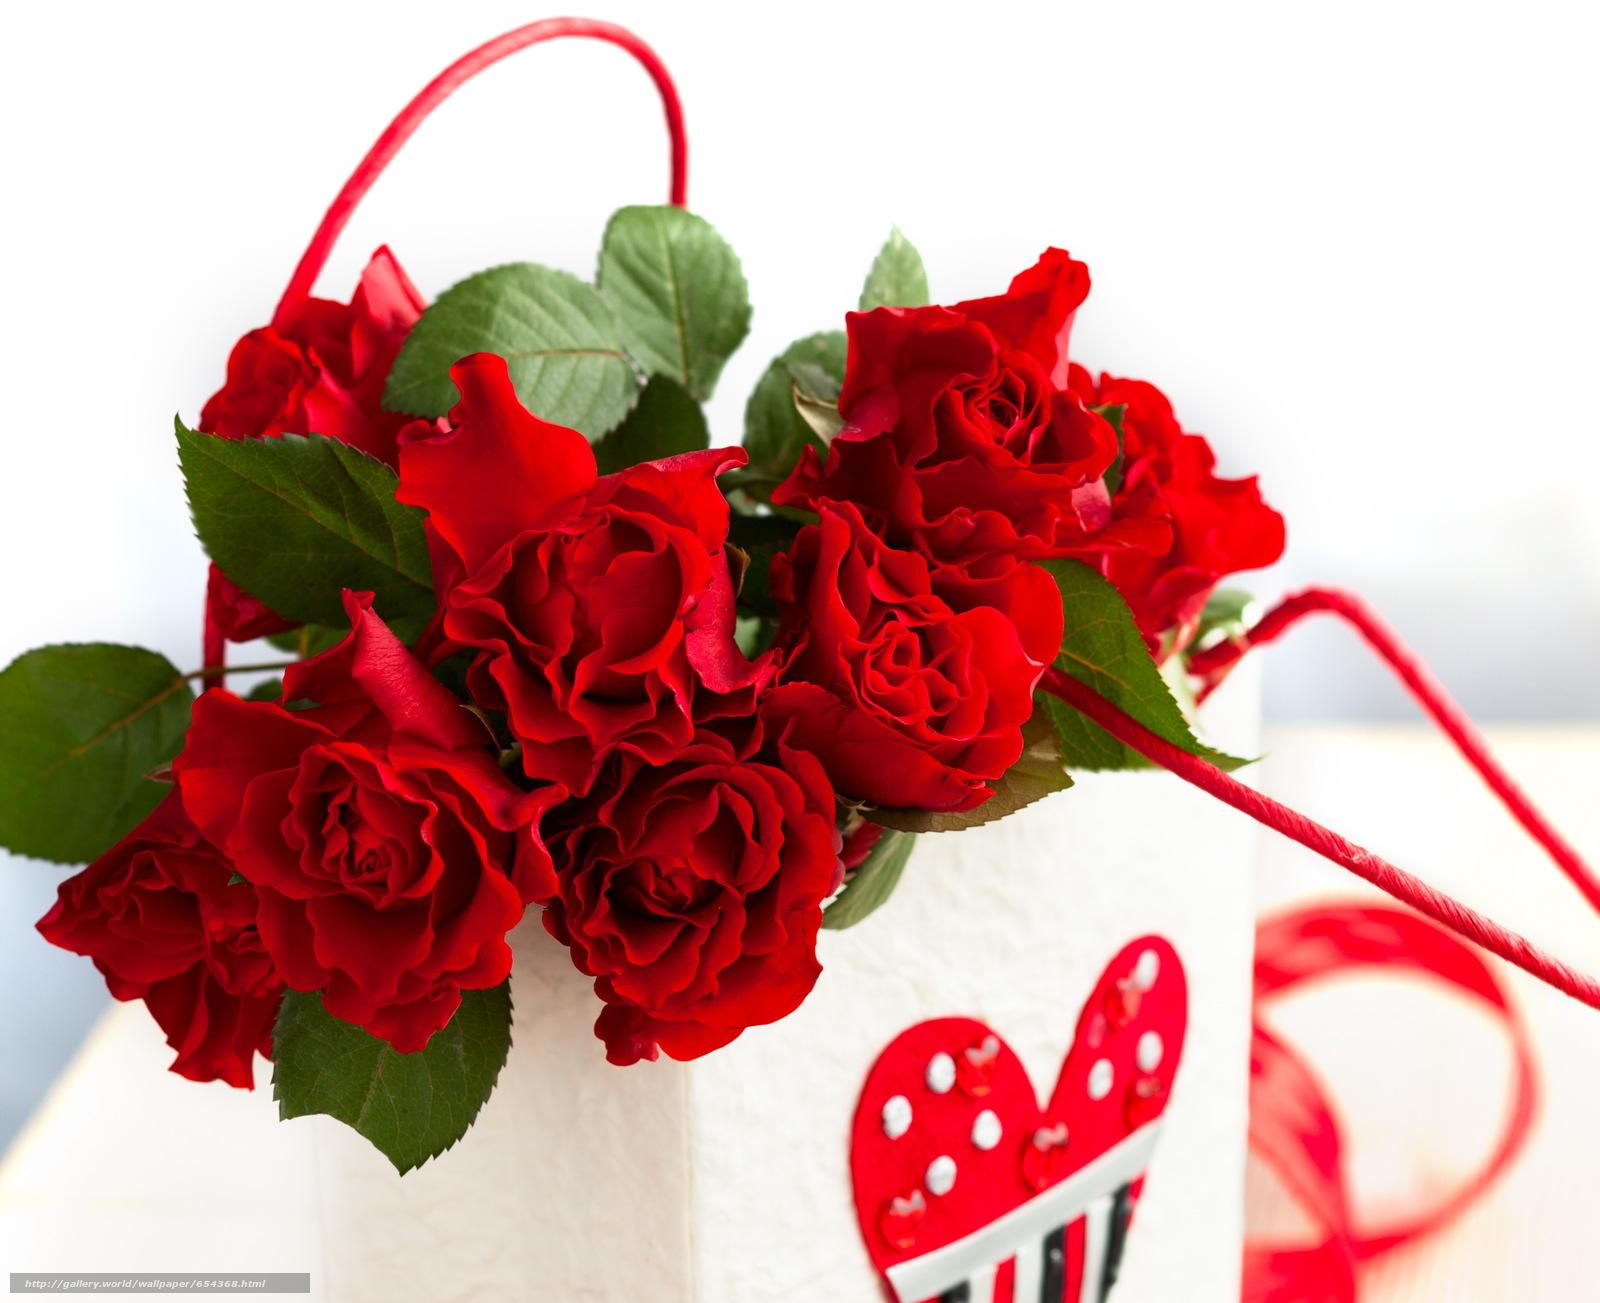 下载壁纸 节日,  情人节,  心脏,  玫瑰 免费为您的桌面分辨率的壁纸 3744x3050 — 图片 №654368